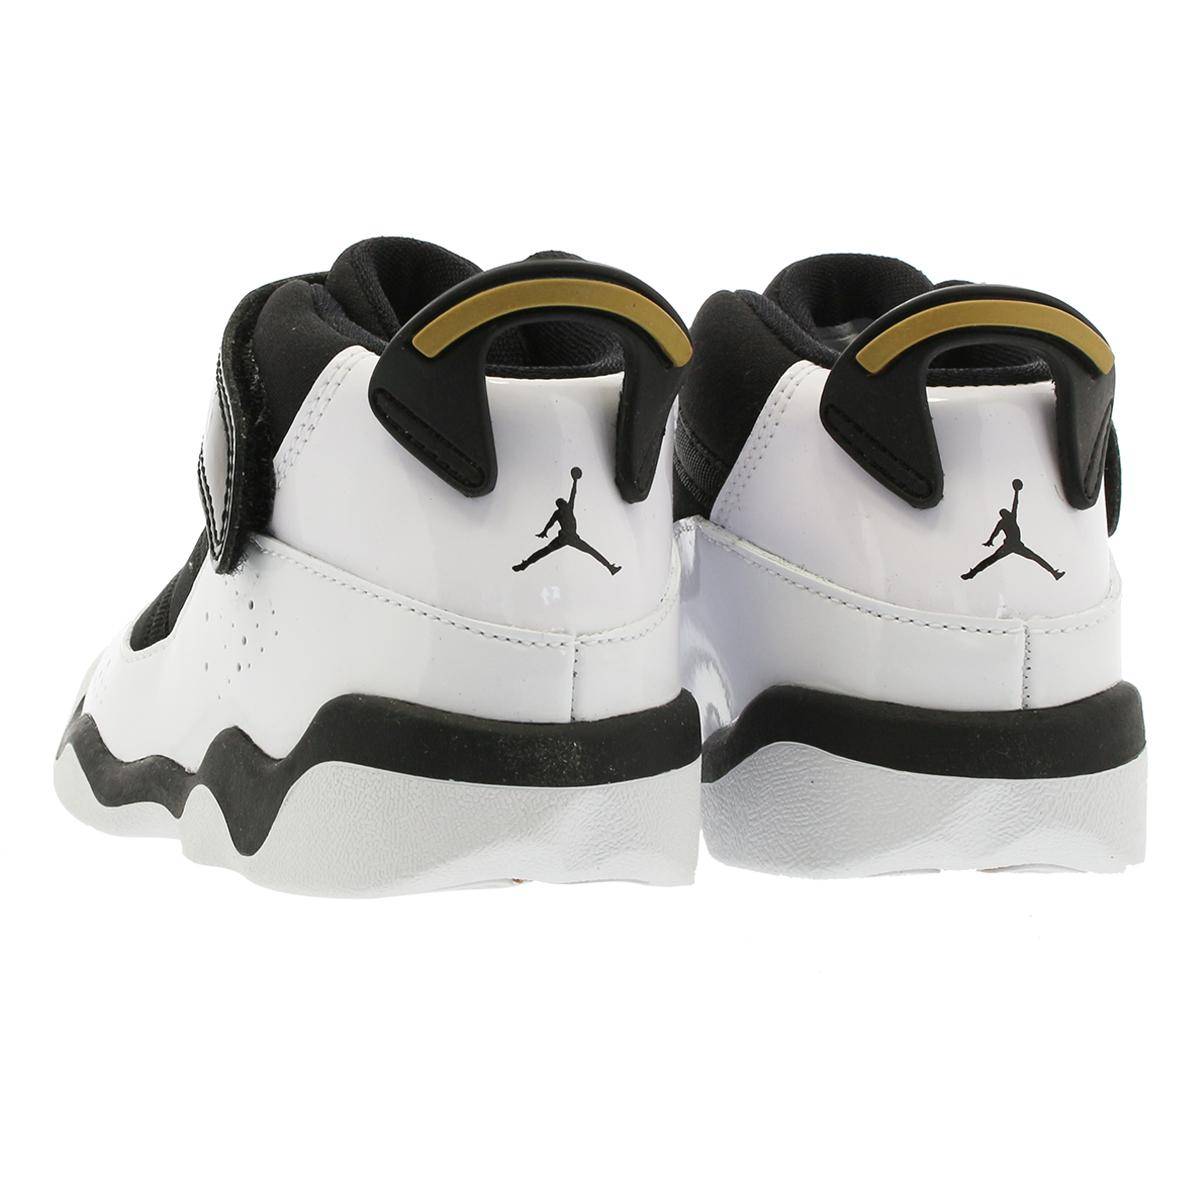 newest 09757 a7b42 NIKE AIR JORDAN 6 RINGS GT Nike Air Jordan 6 RINGS Co.,Ltd. GT WHITEBLACKMETALLIC  GOLD